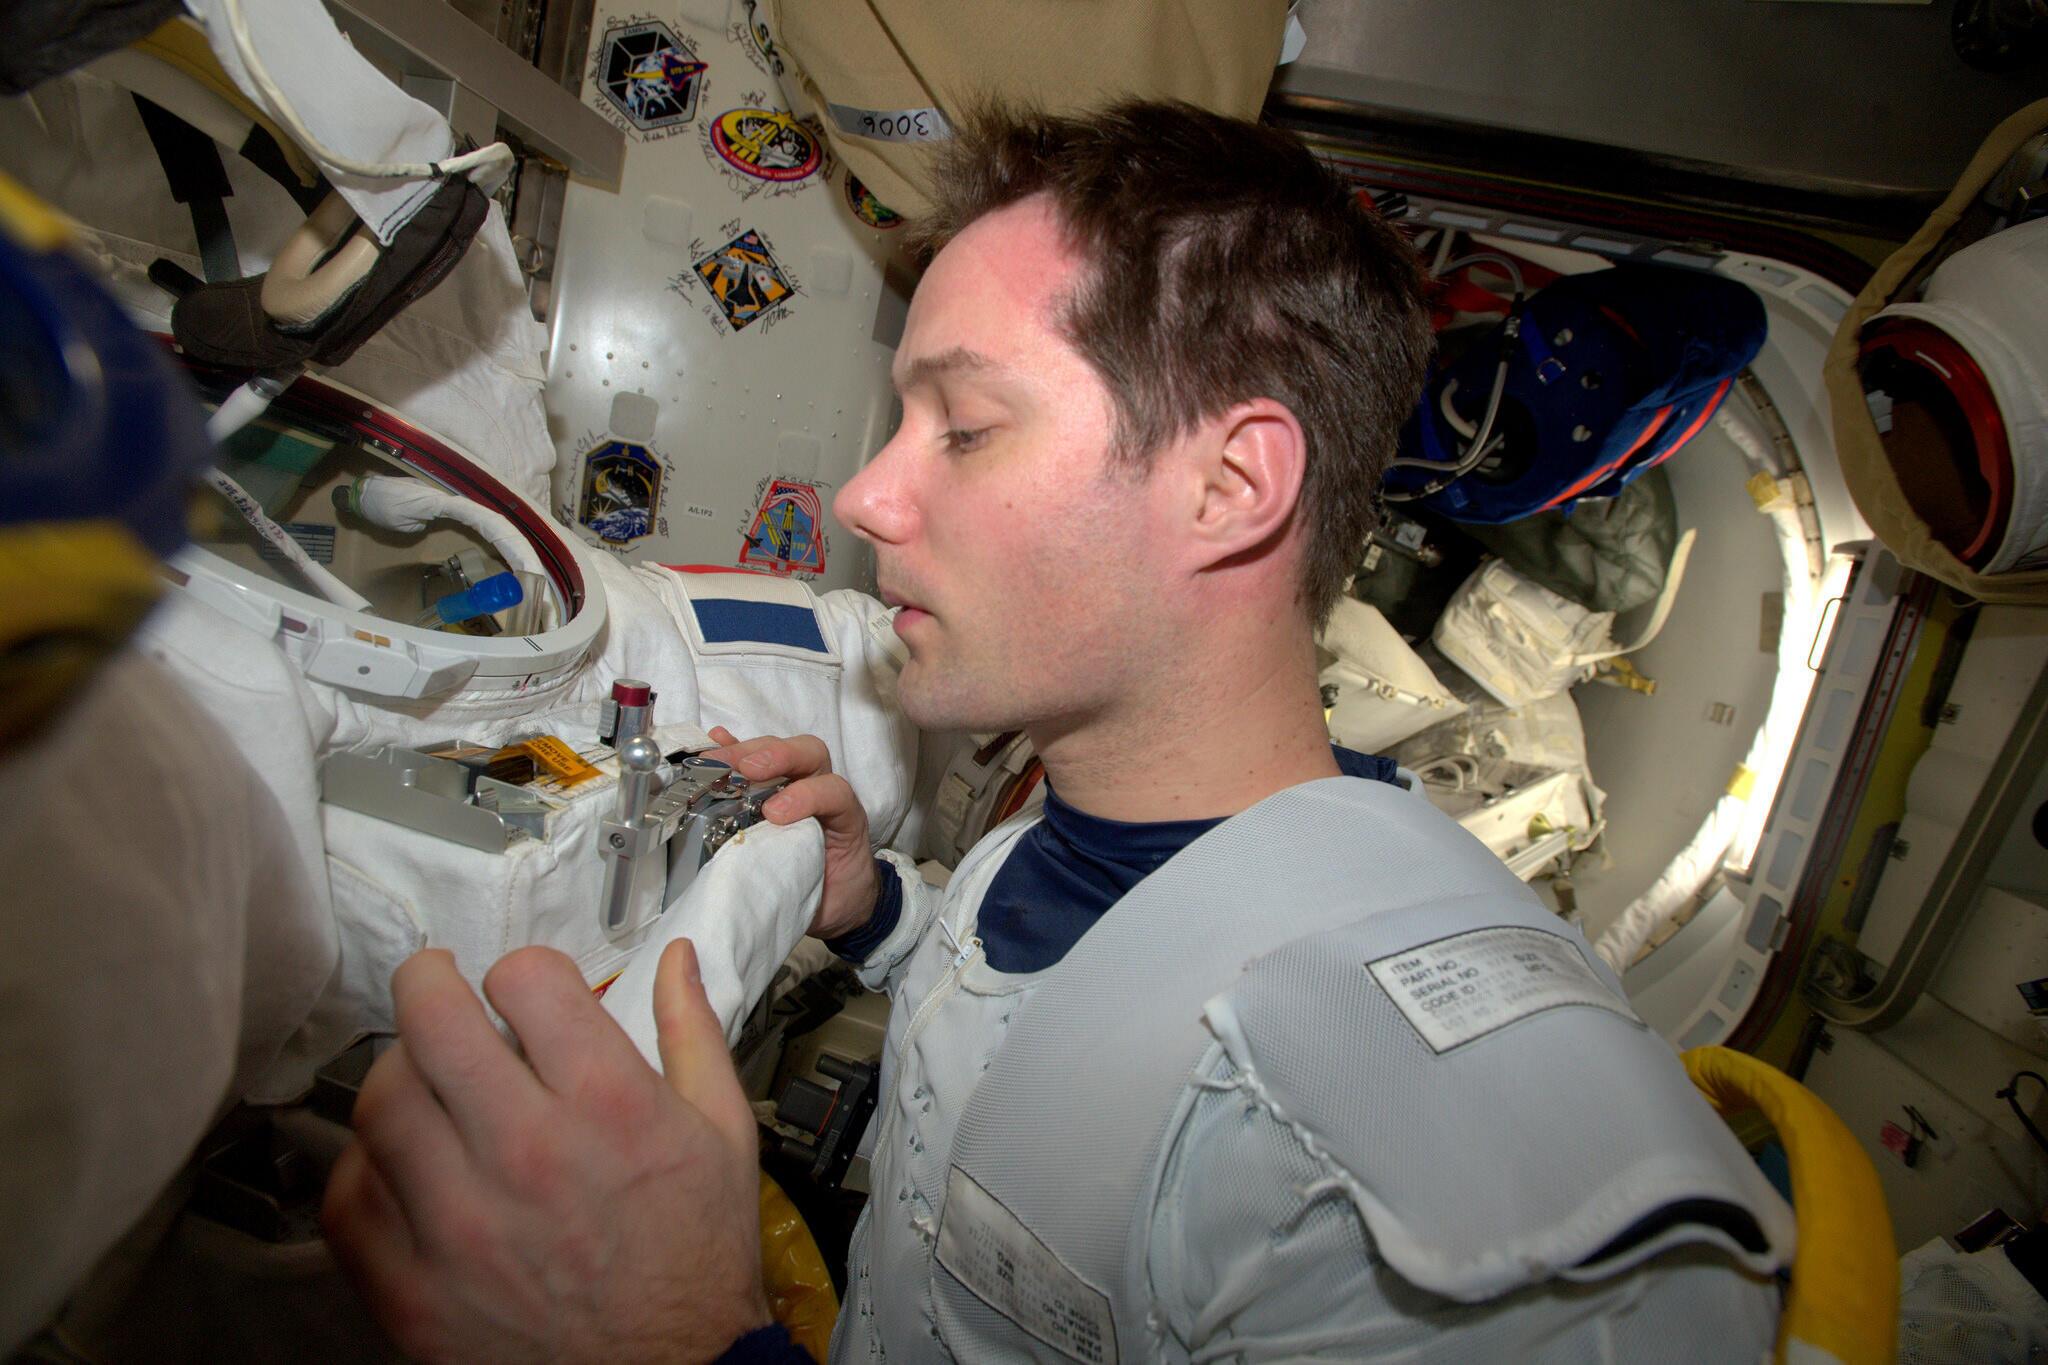 Thomas Pesquet inspecte le module de commande et d'affichage de son scaphandre avant sa sortie dans l'espace.